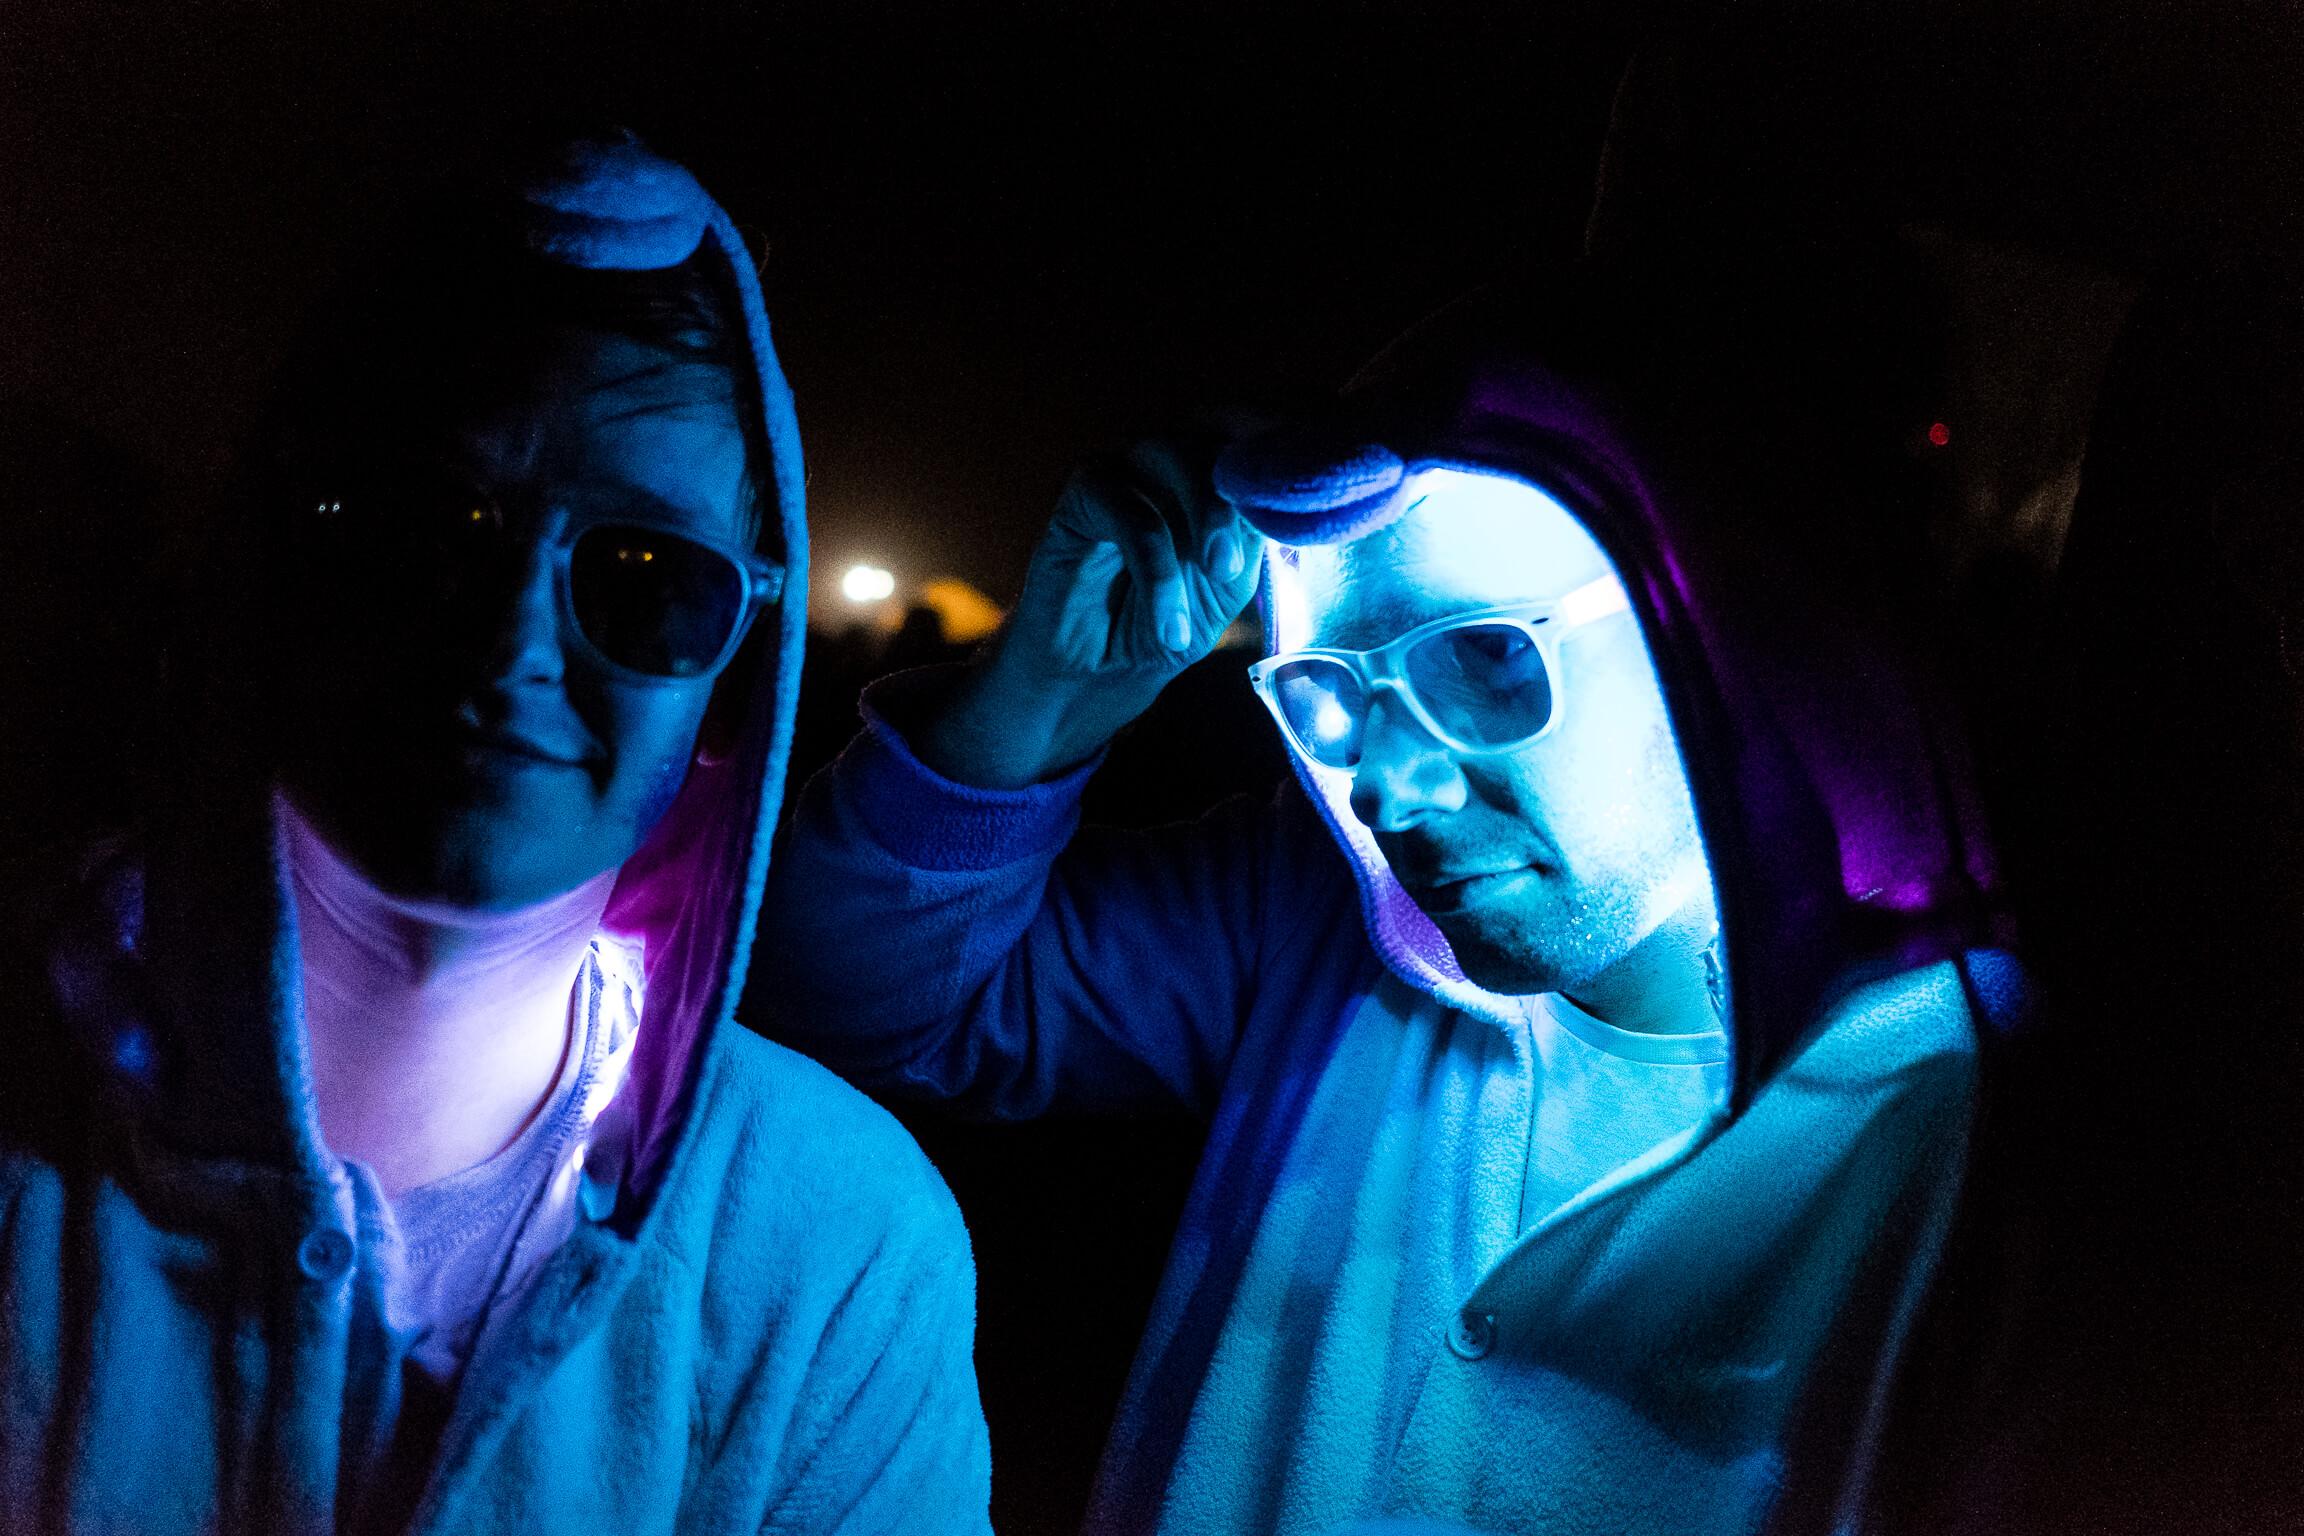 Les pinguins mascottes qui sont montés sur scene pendant le concert de Therapie Taxi au festival Terres du Son